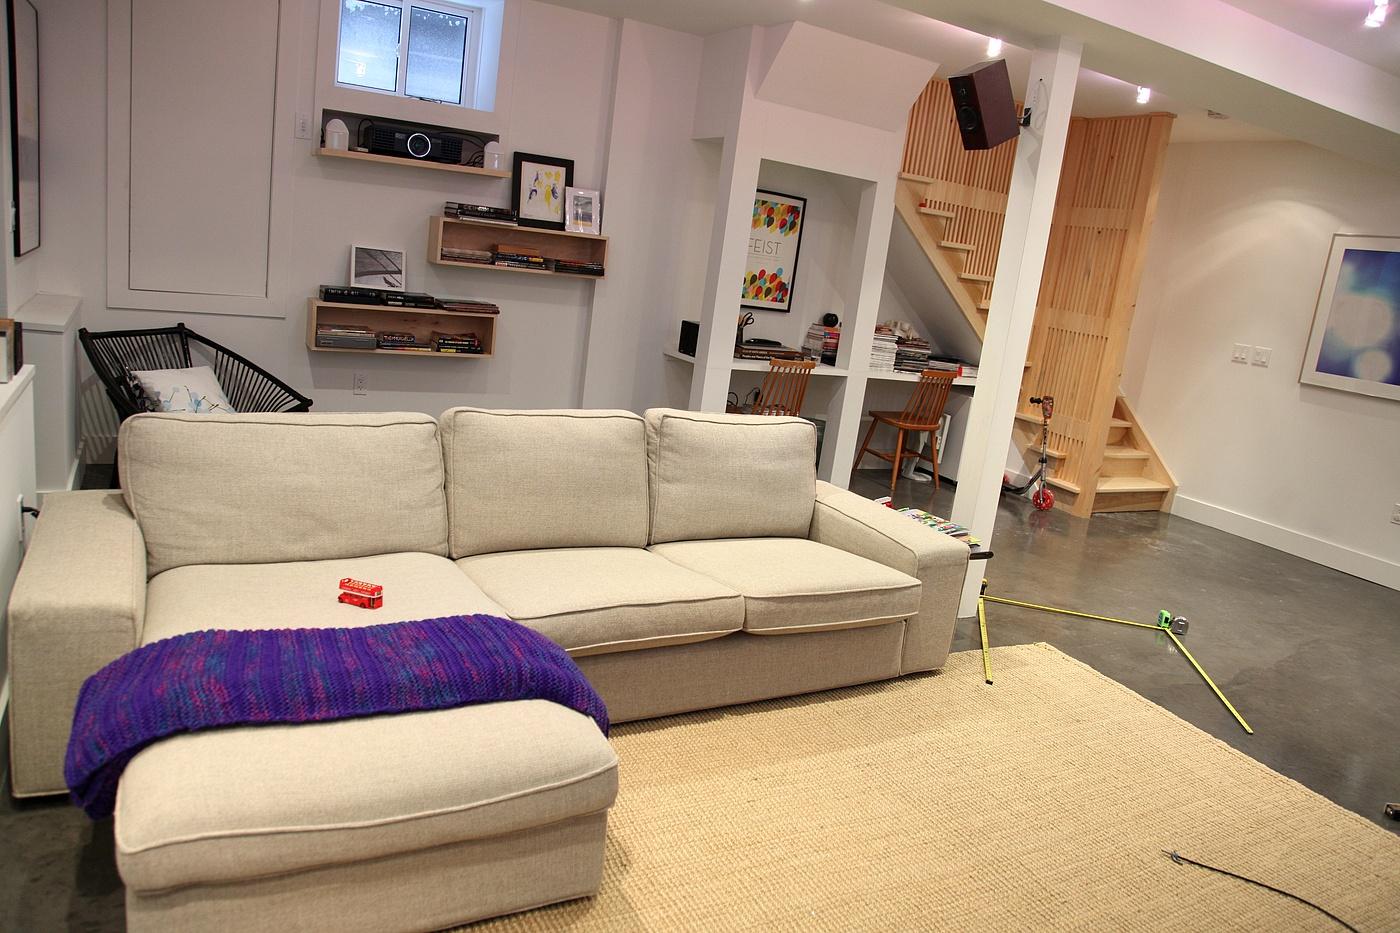 8FOOTSIX: New Basement Furniture?